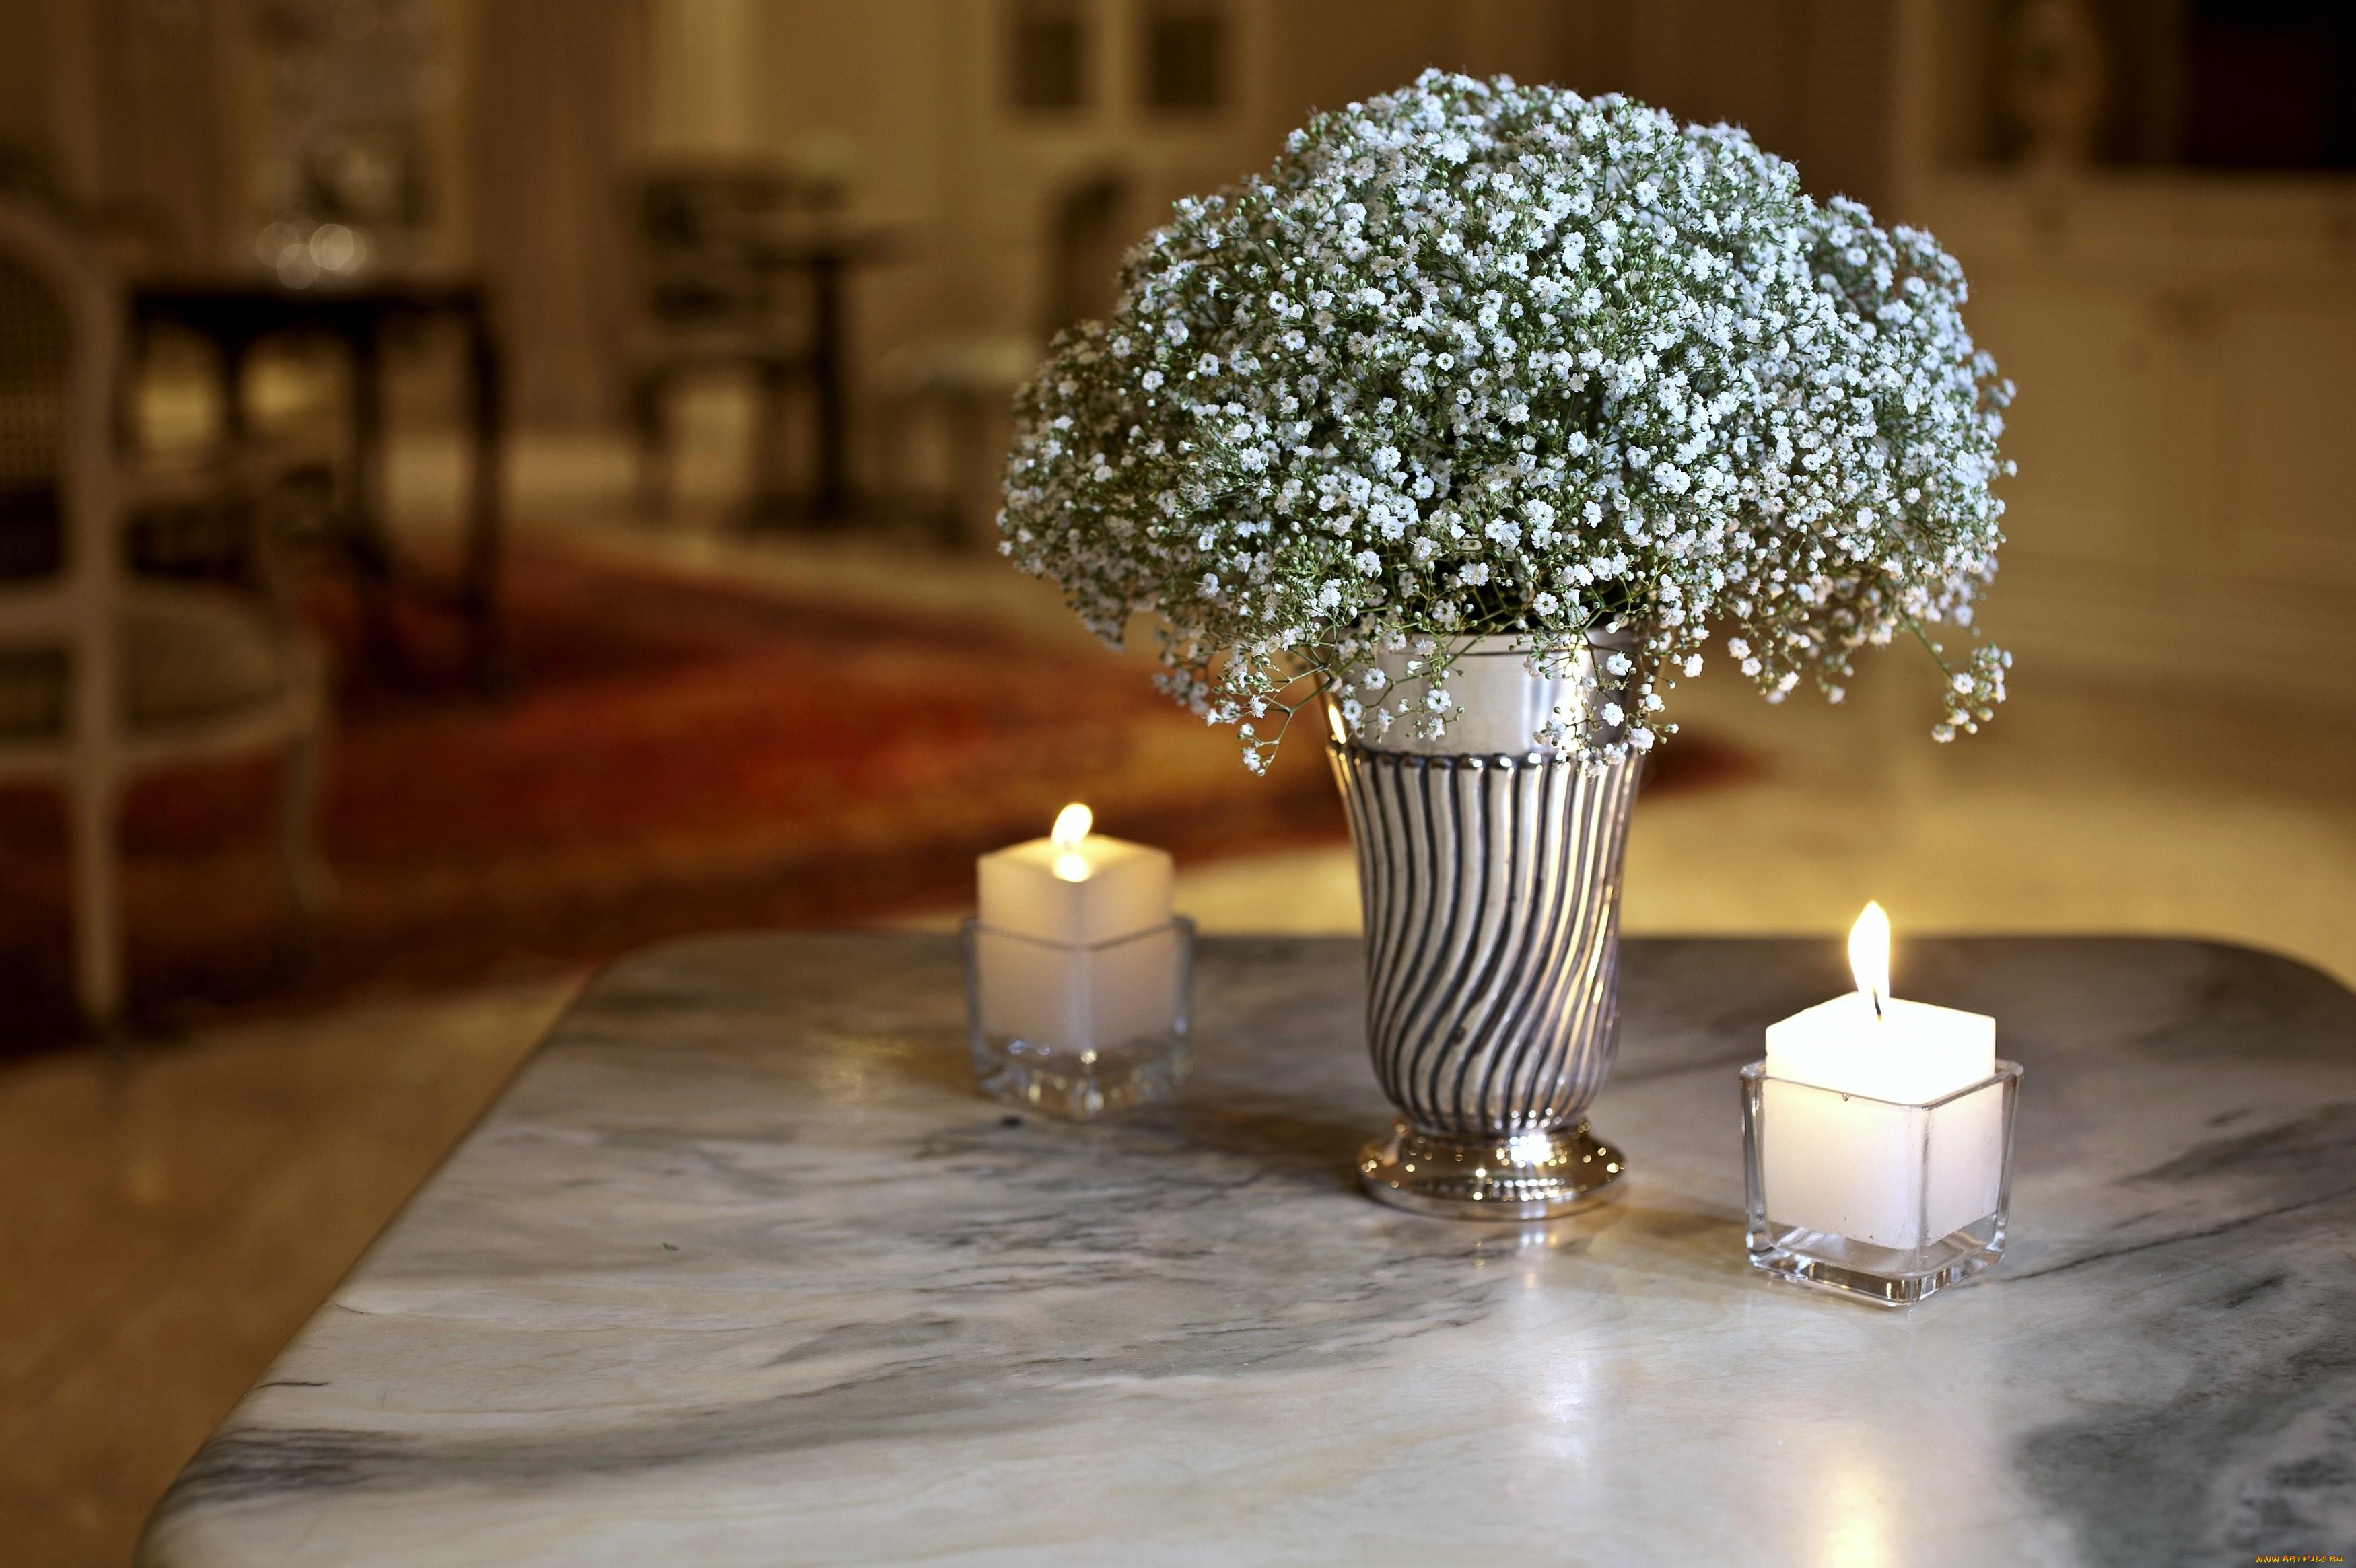 цветы свечи  № 1504282 без смс